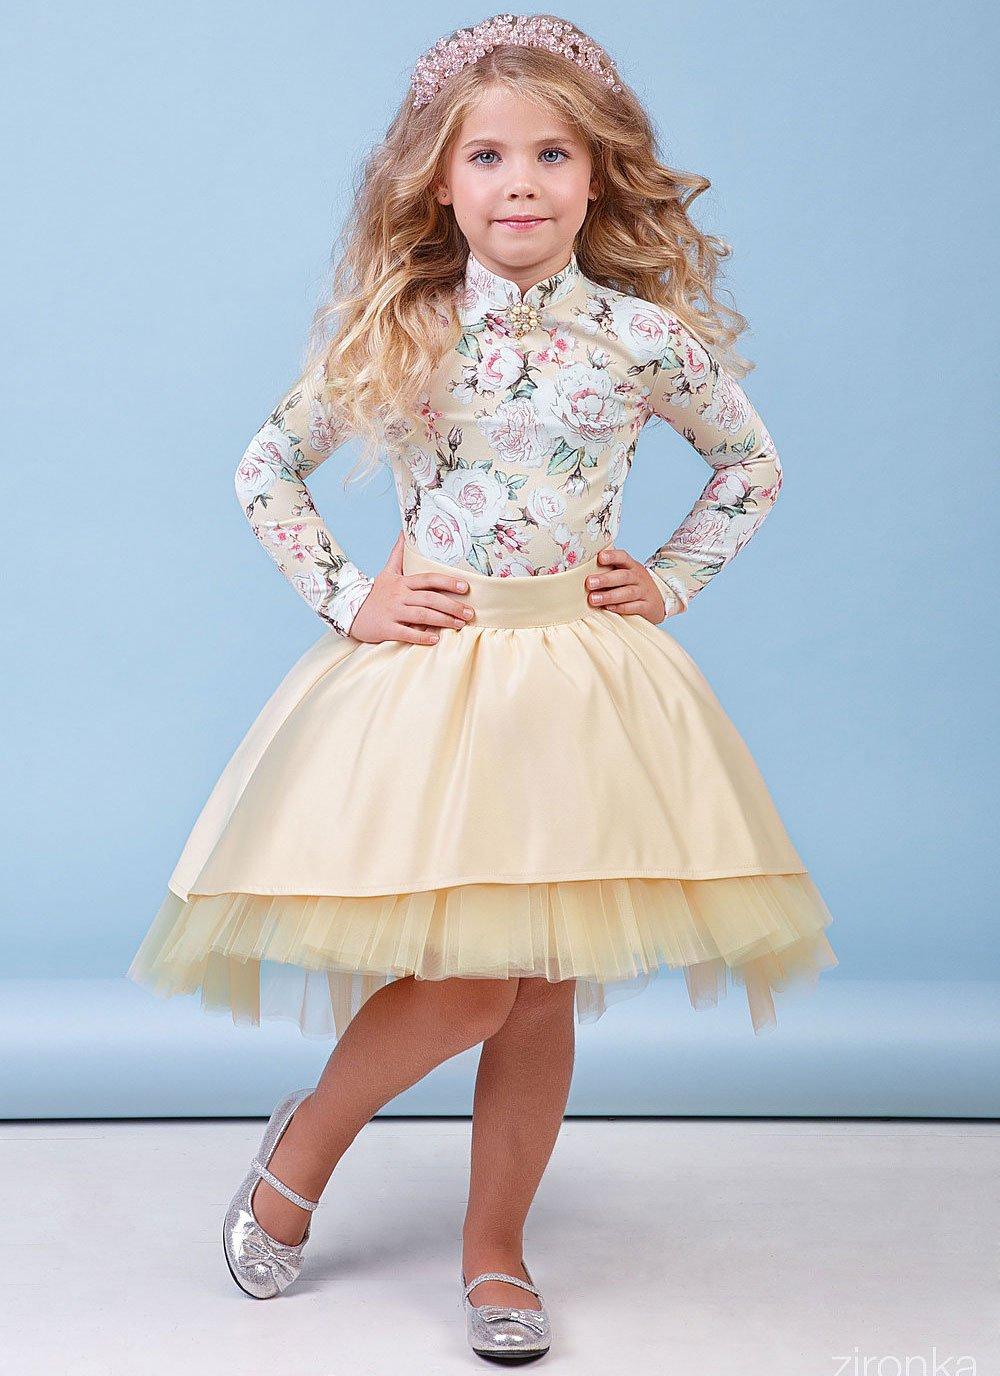 268b66c84d5 Комплект блузка+юбка 64-8038-1 - купить в интернет-магазине детской ...